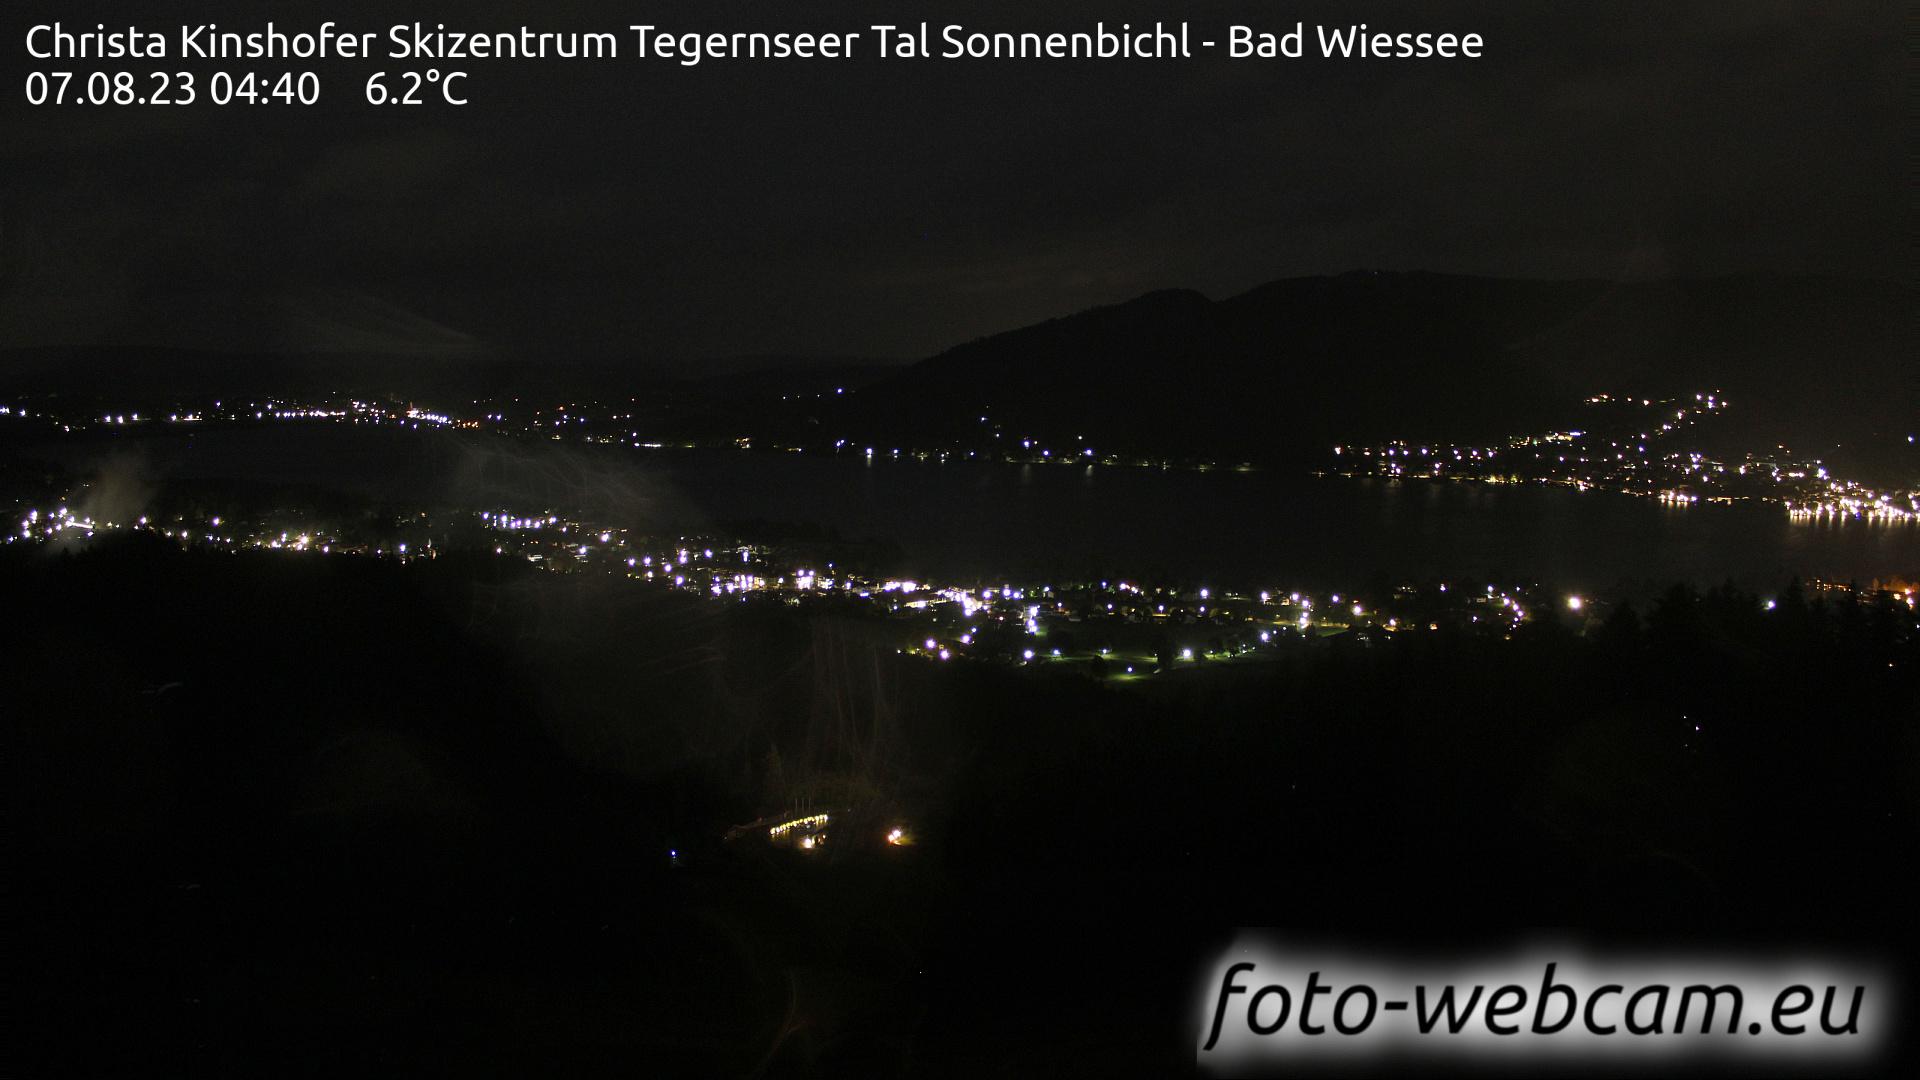 Bad Wiessee Wed. 04:48